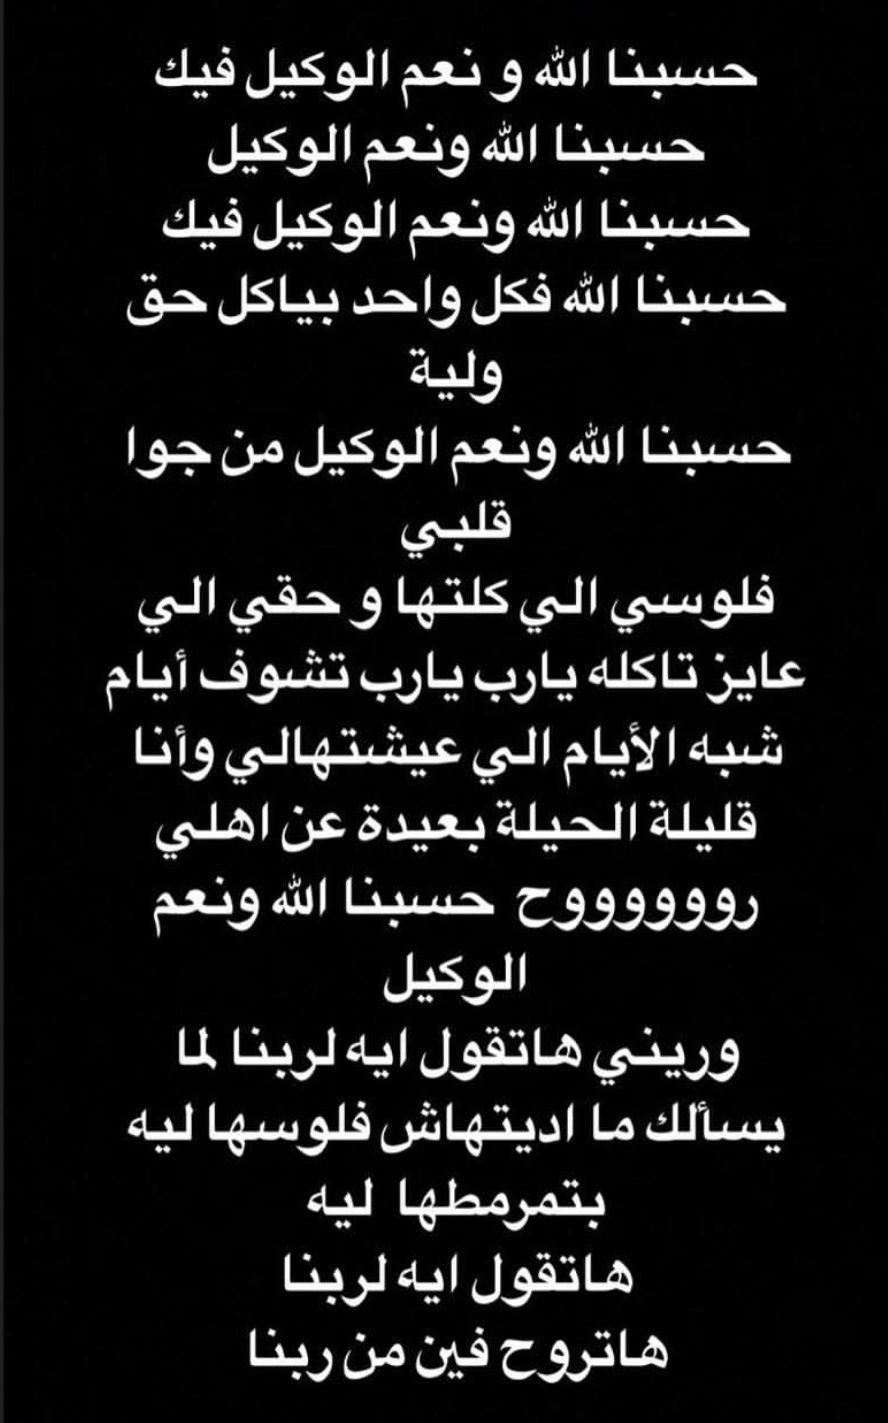 سارة نخلة تفضح طليقها وثيقة صحافة نت لبنان